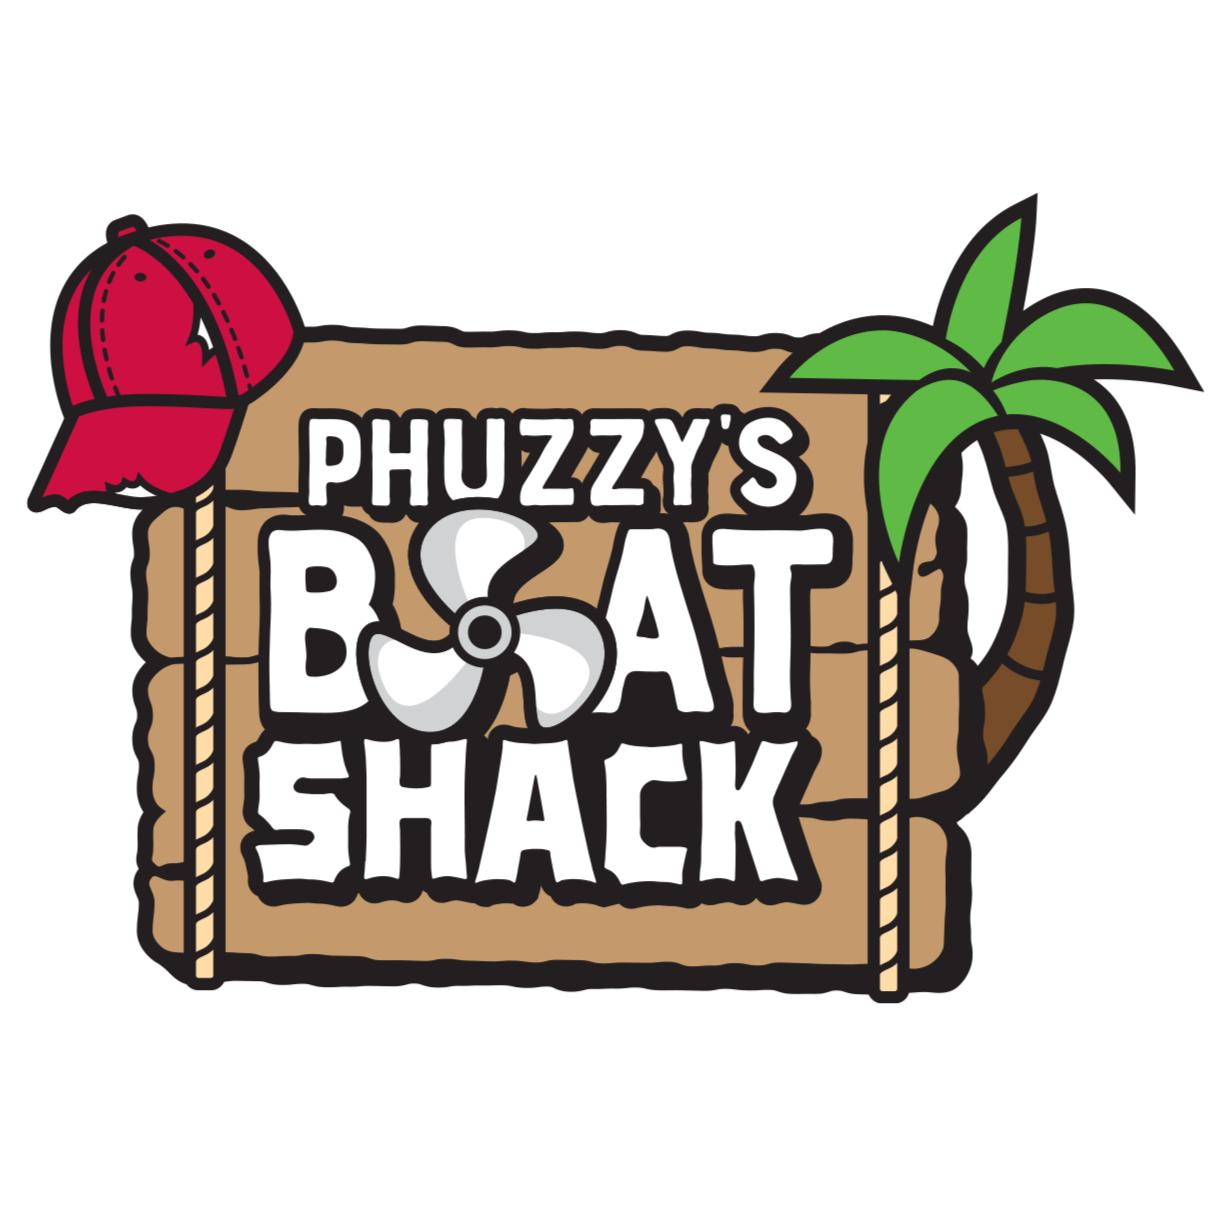 Phuzzy's Boat Shack